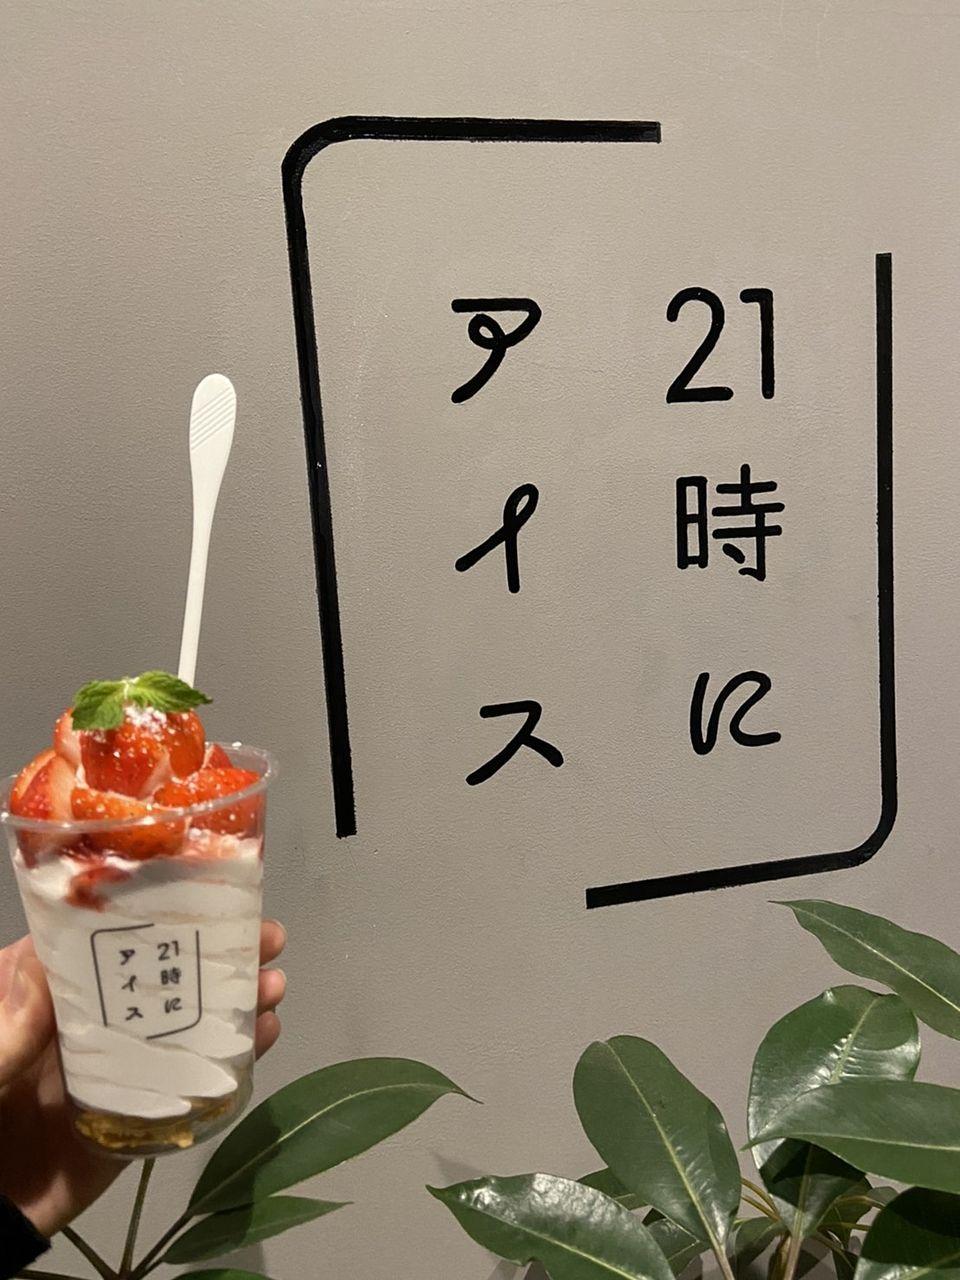 JR八尾駅すぐ【21時にアイス】というアイス屋さん!!